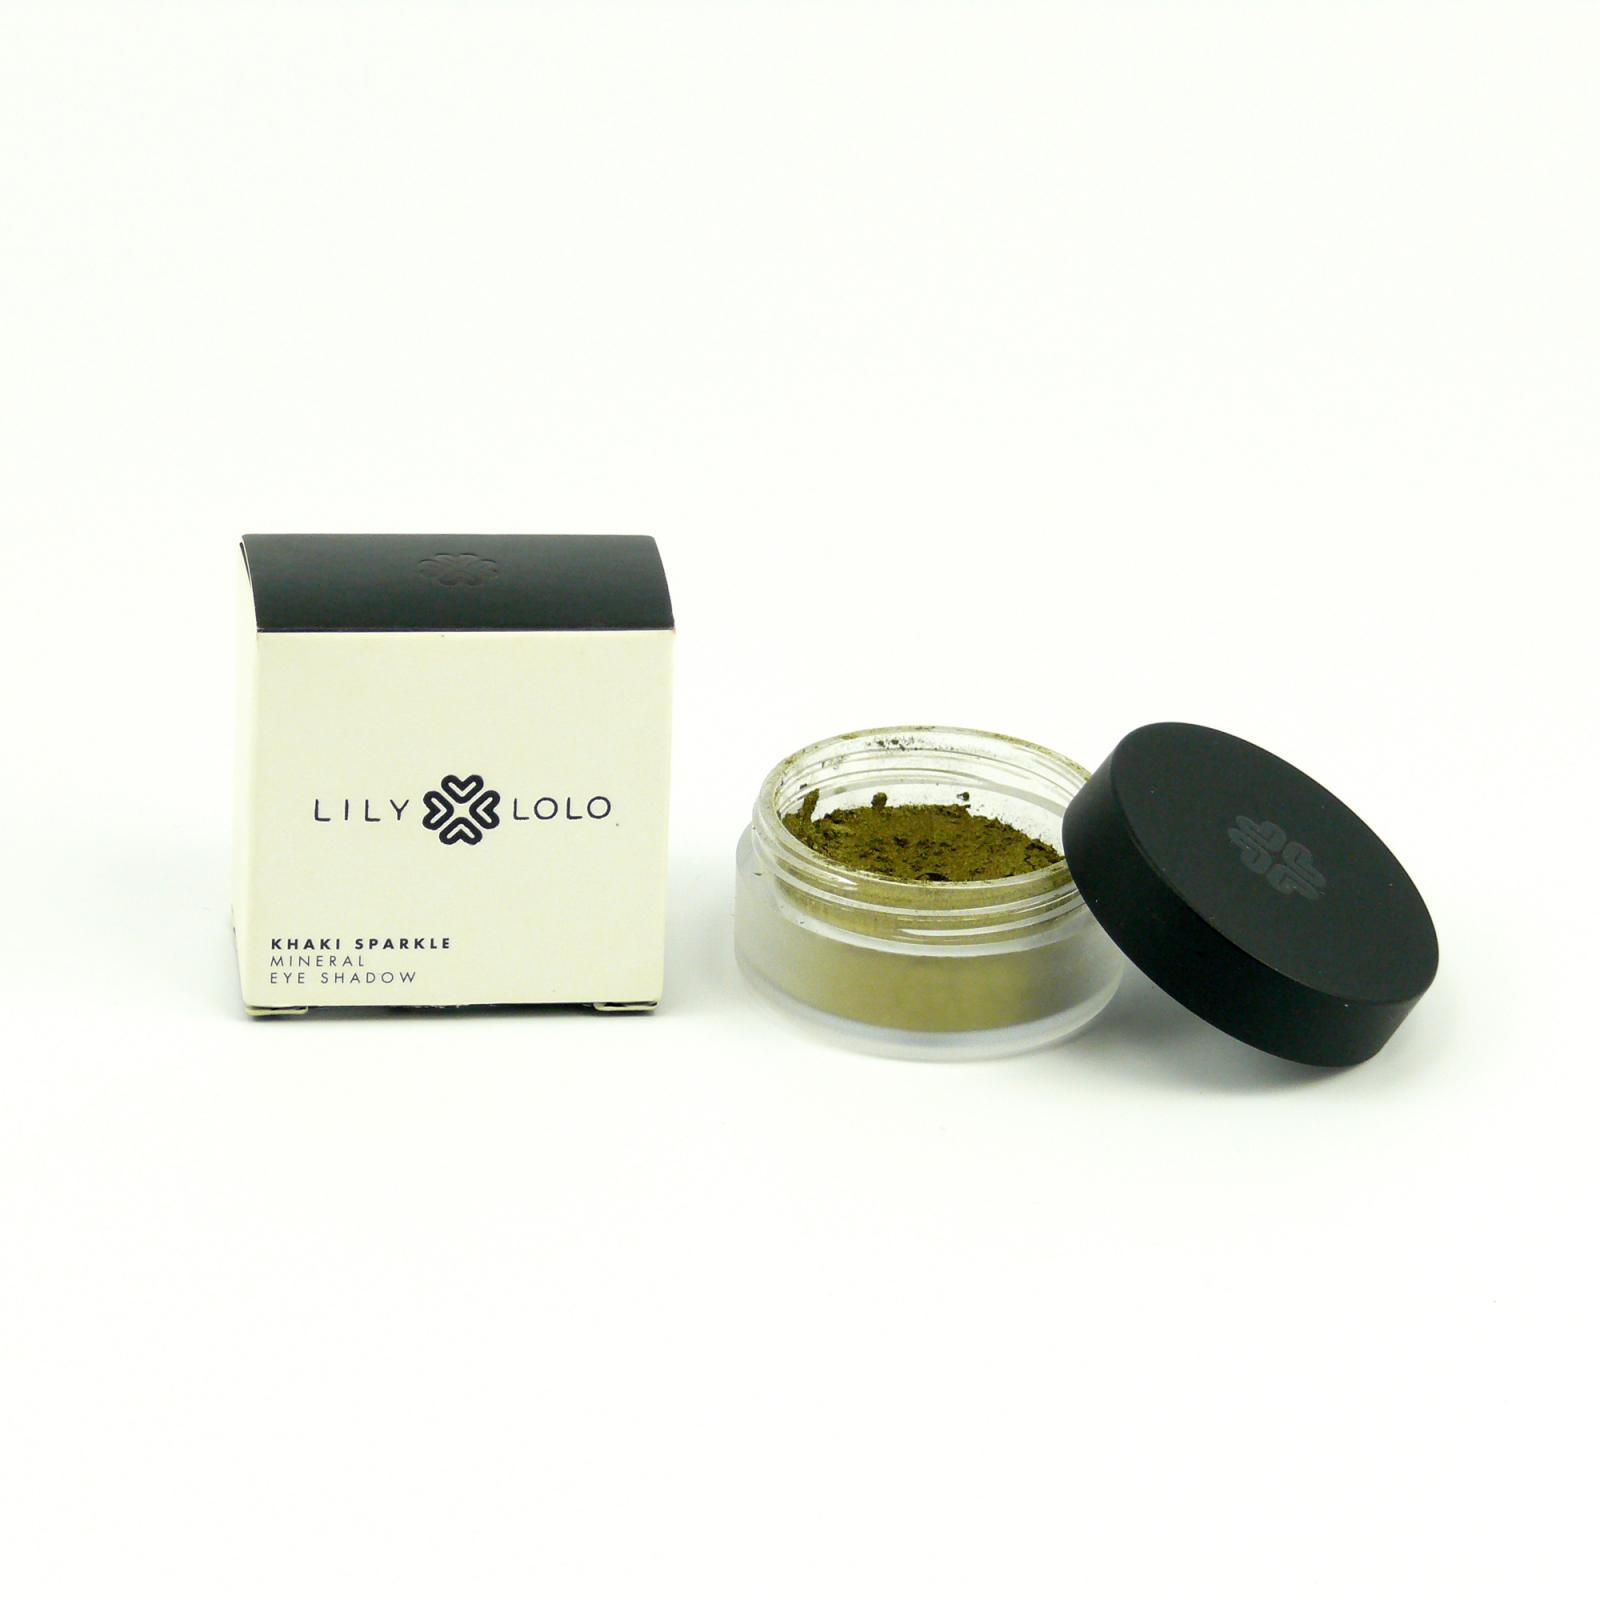 Lily Lolo Mineral Cosmetics Minerální oční stíny Khaki Sparkle 2,5 g